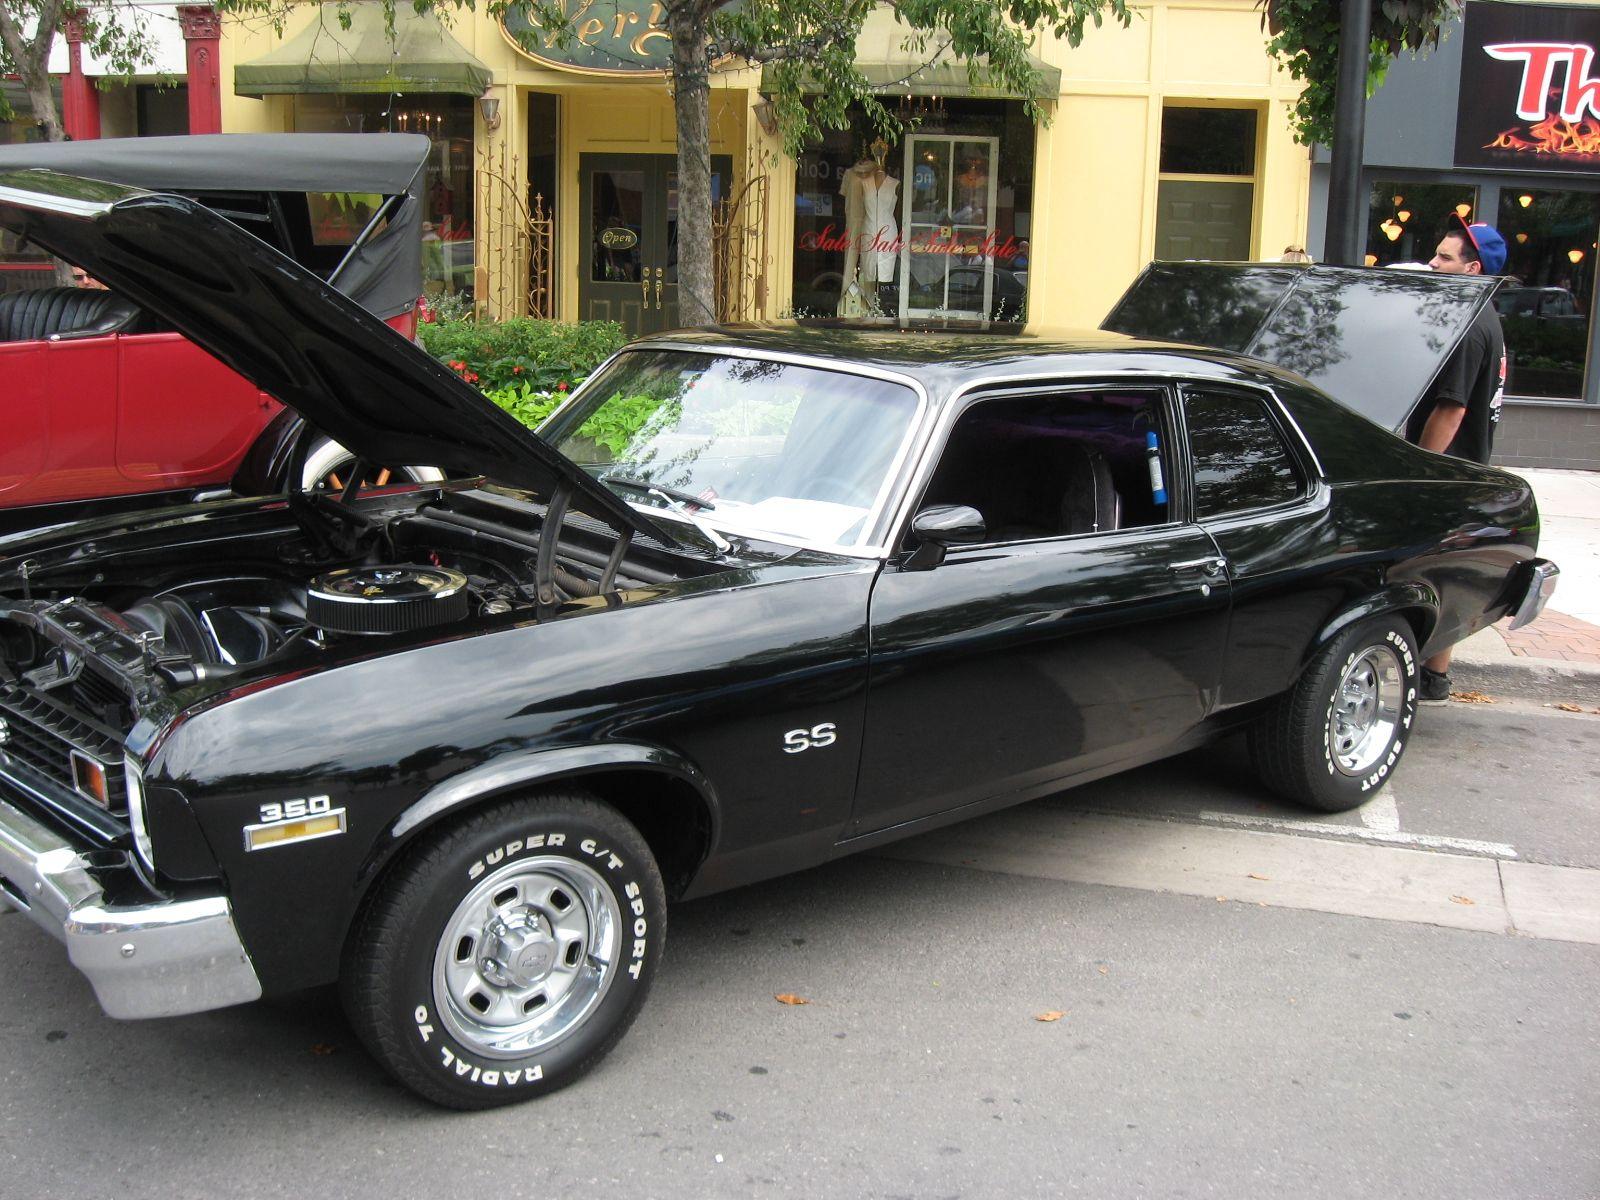 I will own my \'69 Chevy Nova | Bucket List | Pinterest | Chevy nova ...